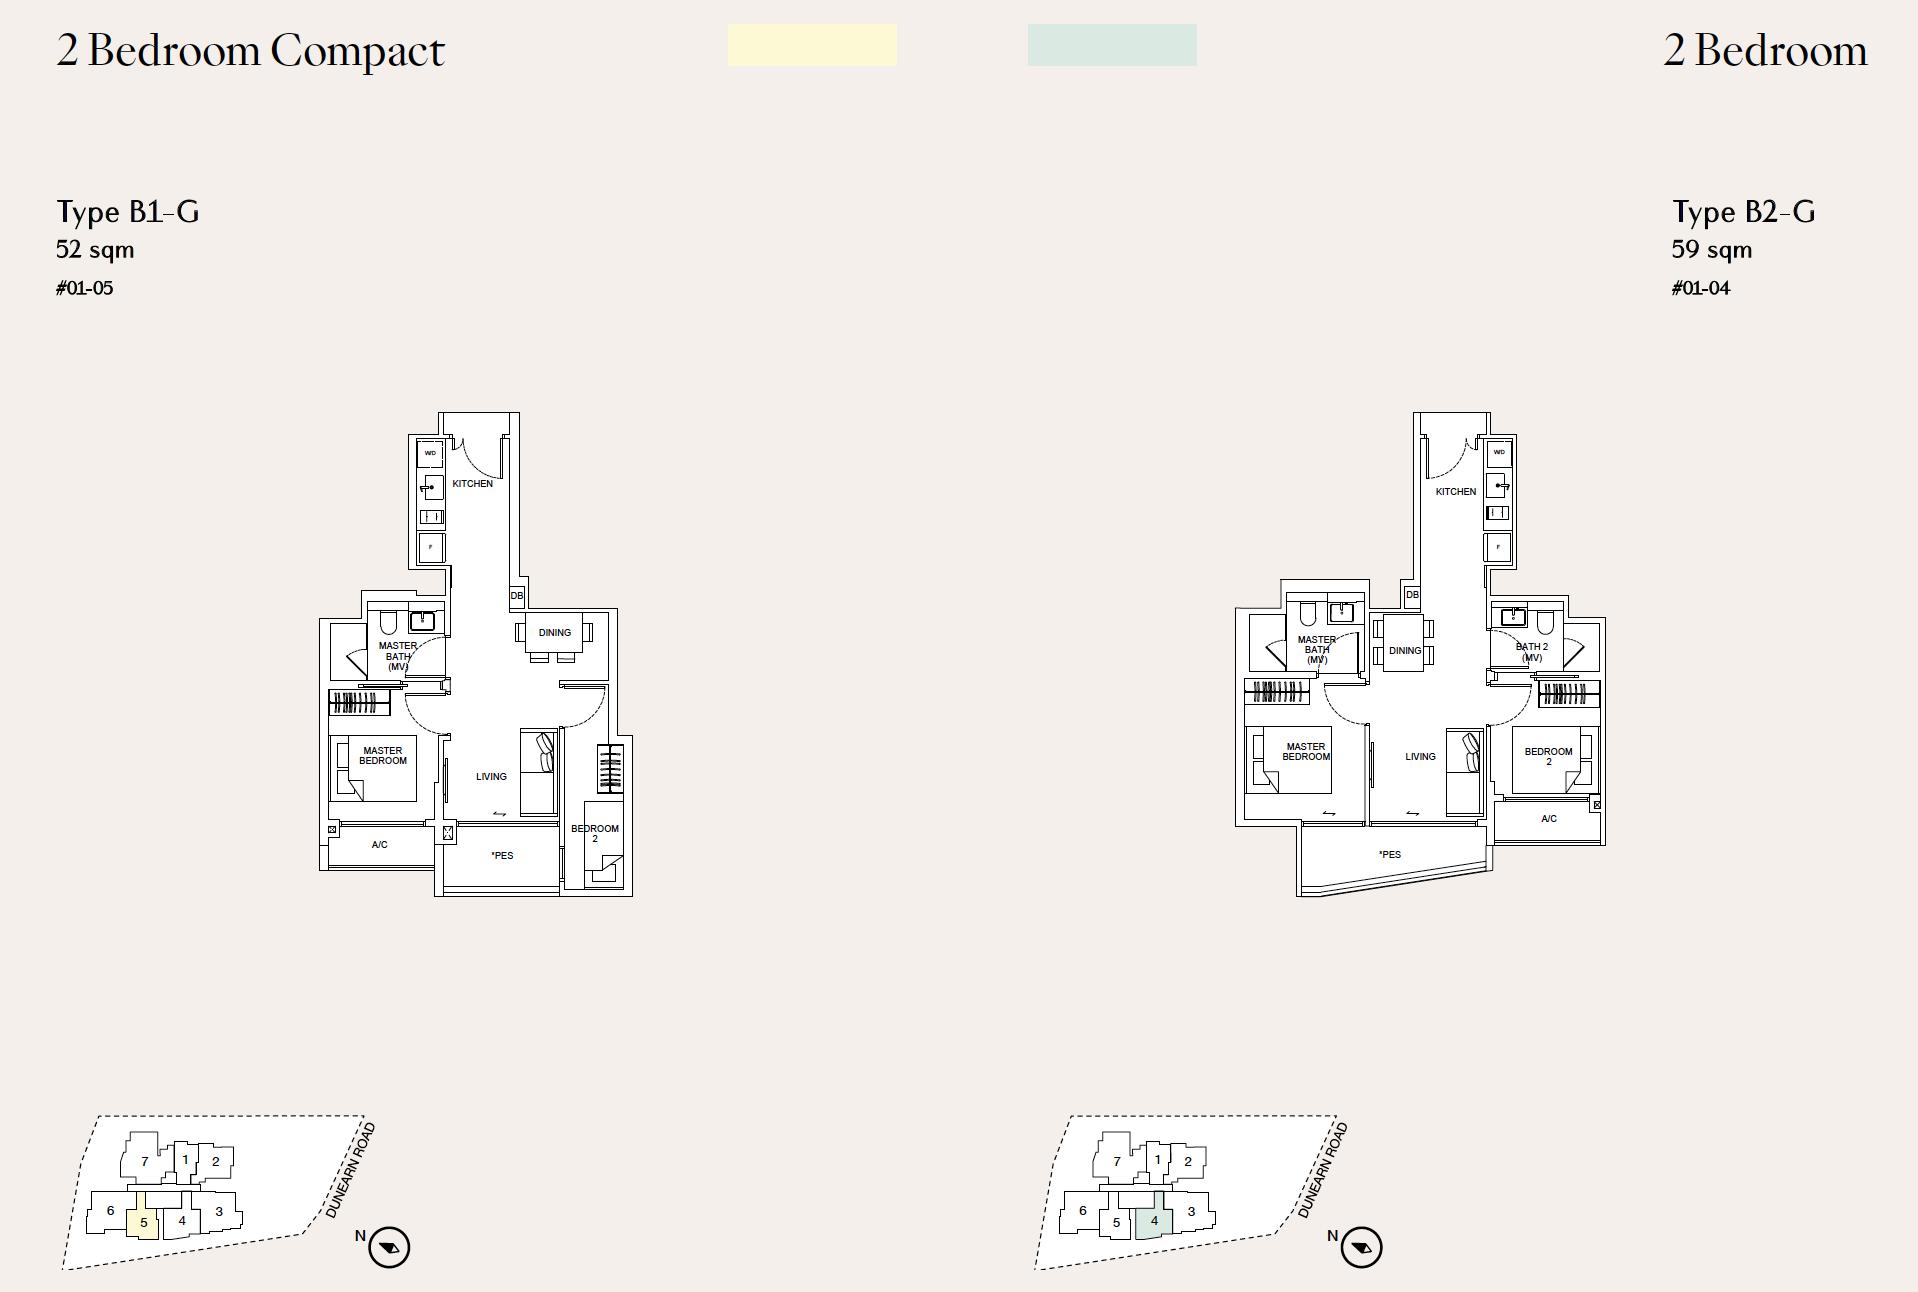 Dunearn-386-2-bedroom-floor-plan